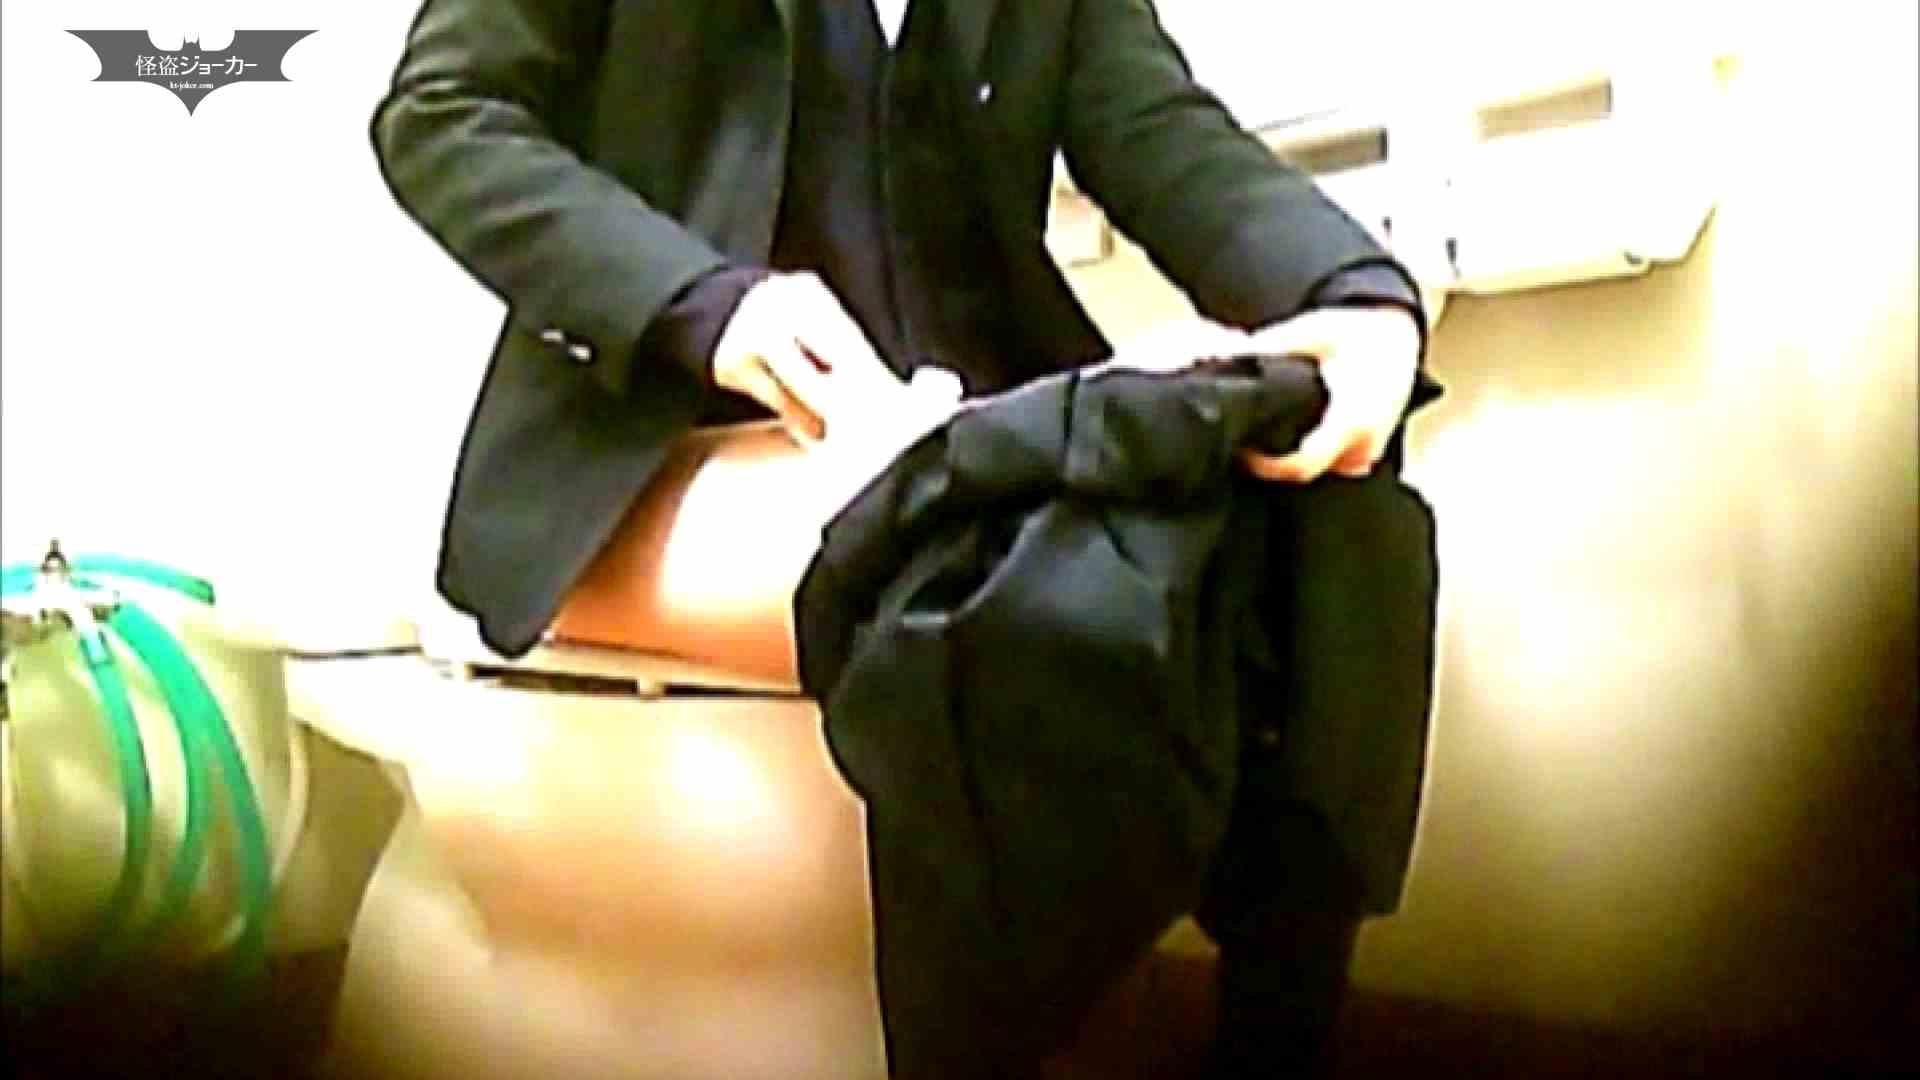 店長代理の盗撮録 Vol.02 制服ばかりをあつめてみました。その2 高画質 おまんこ無修正動画無料 58画像 33